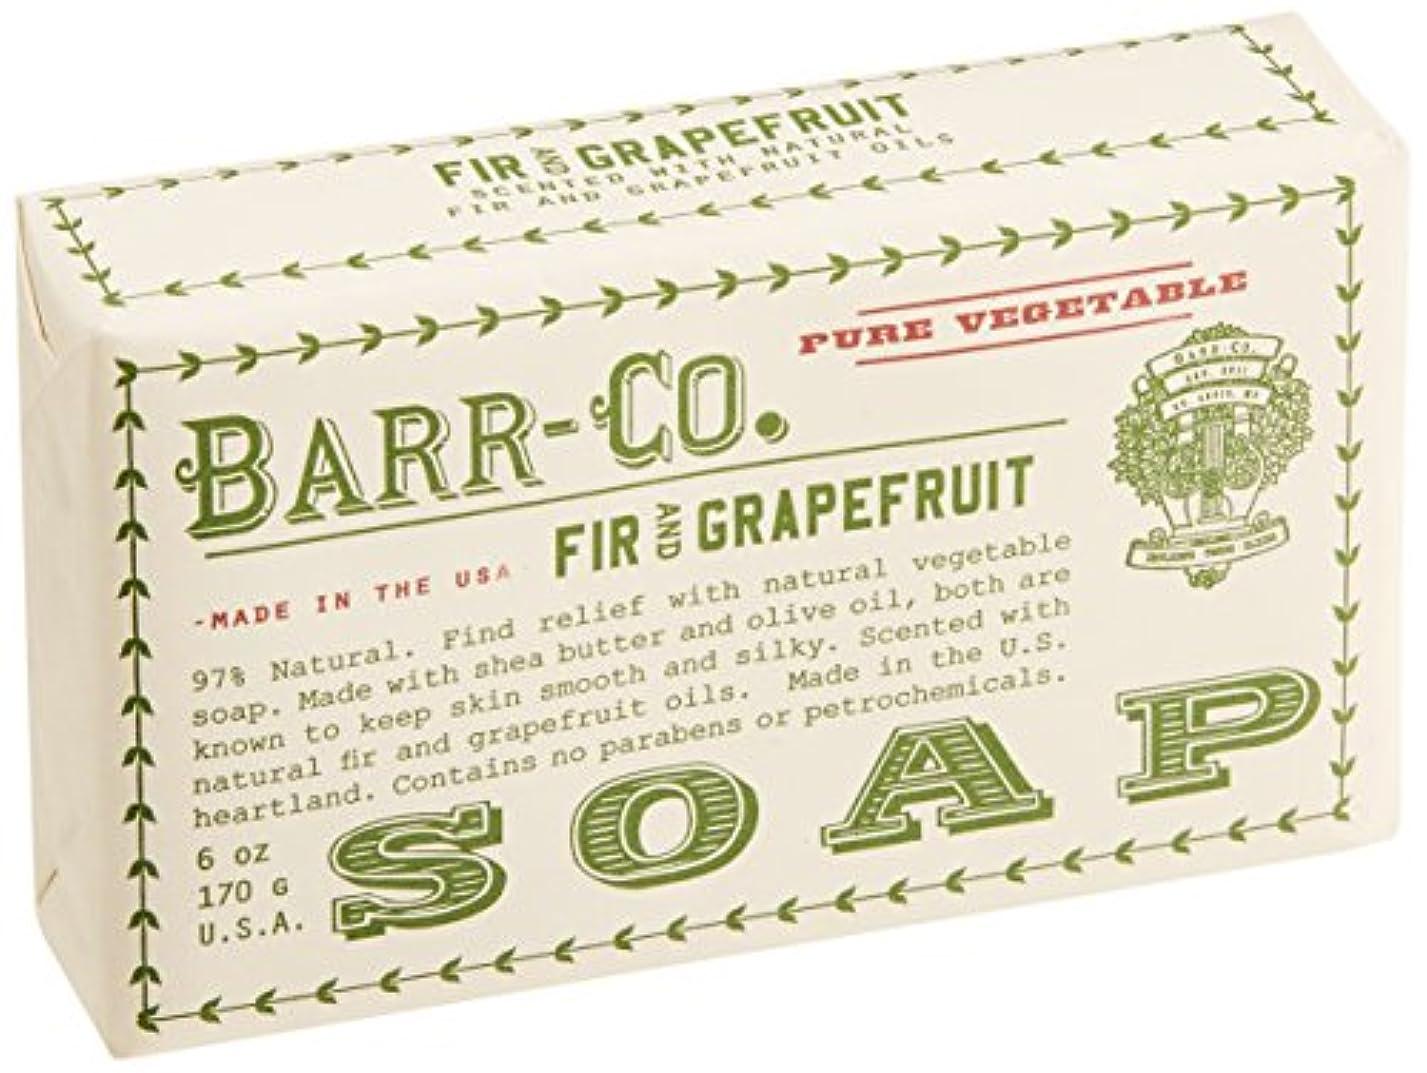 ここに葉ふさわしいBARR-CO.(バーコー) バーソープ FIR&GRAPEFRUIT